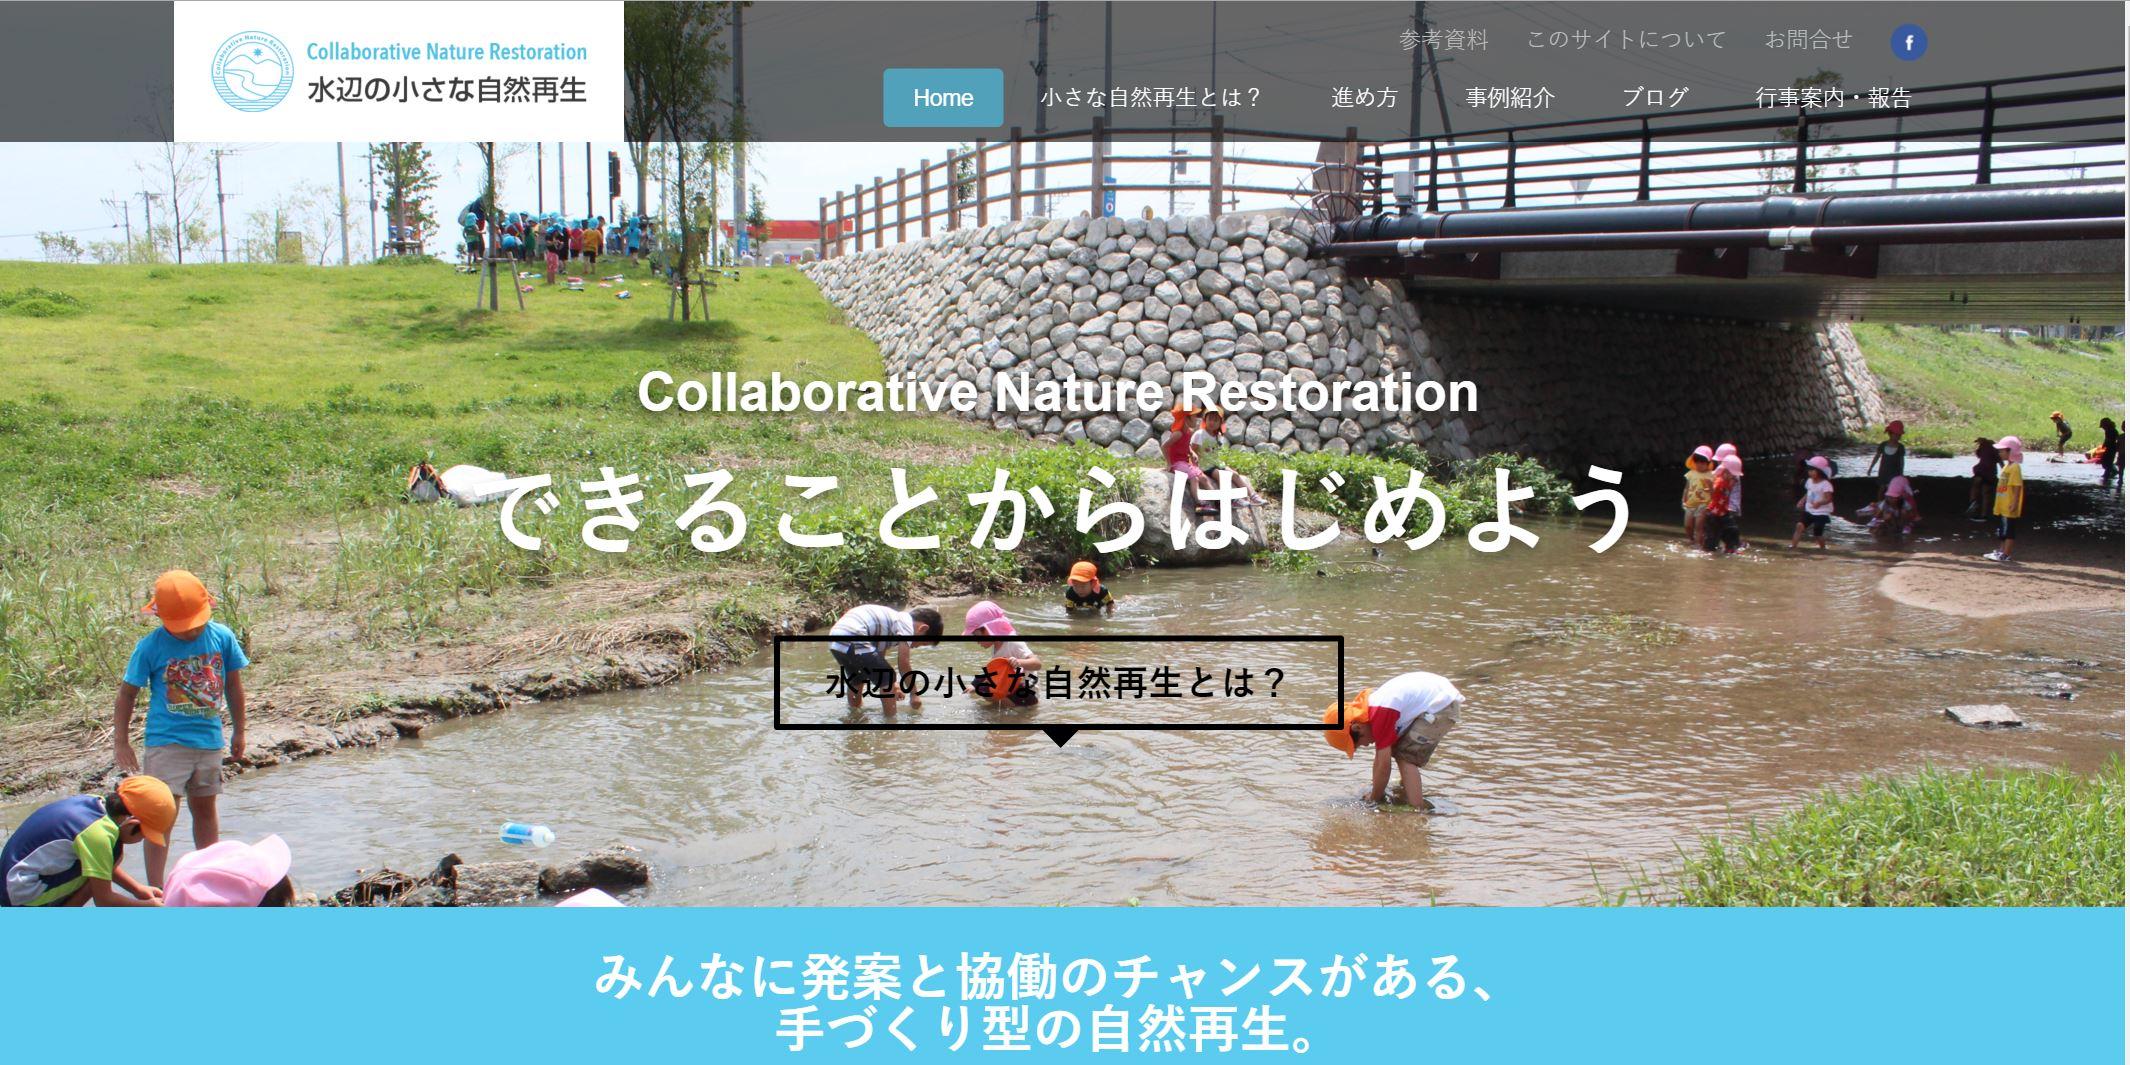 小さな自然再生ホームページ 完成しました!